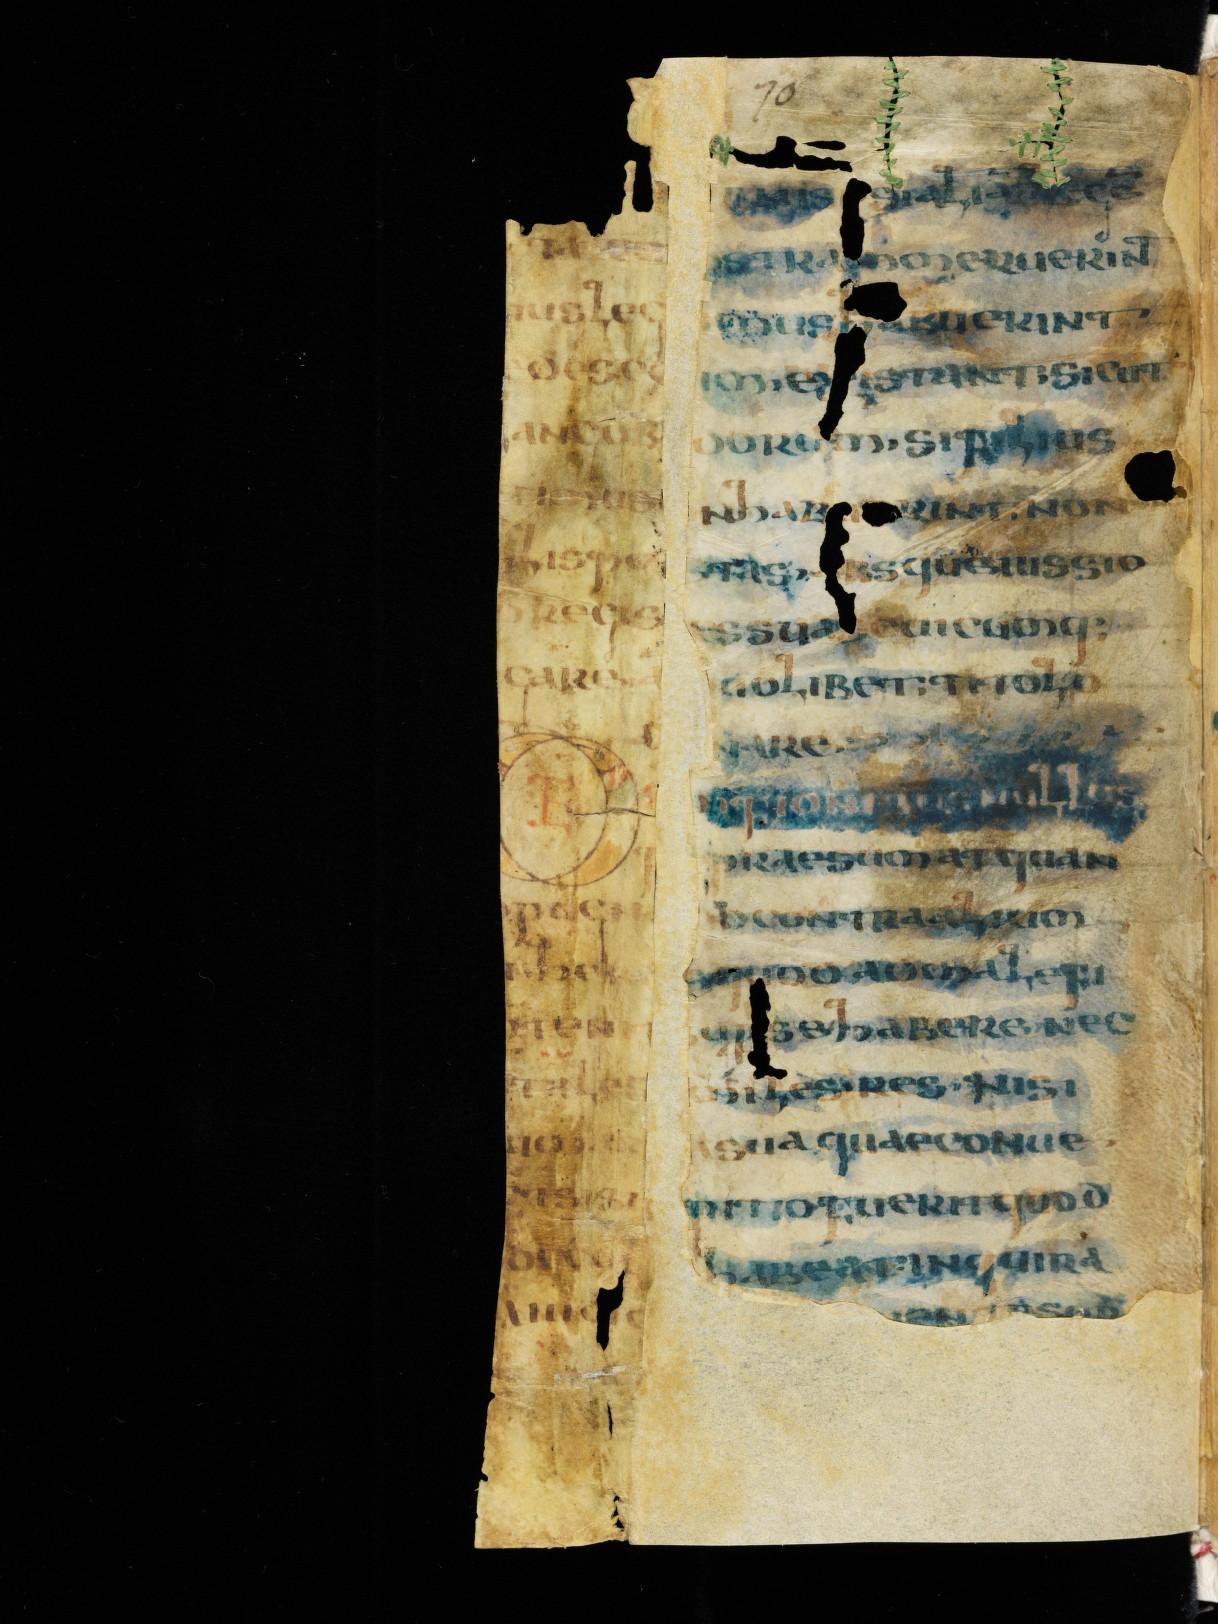 Cod. Sang. 730, p. 70